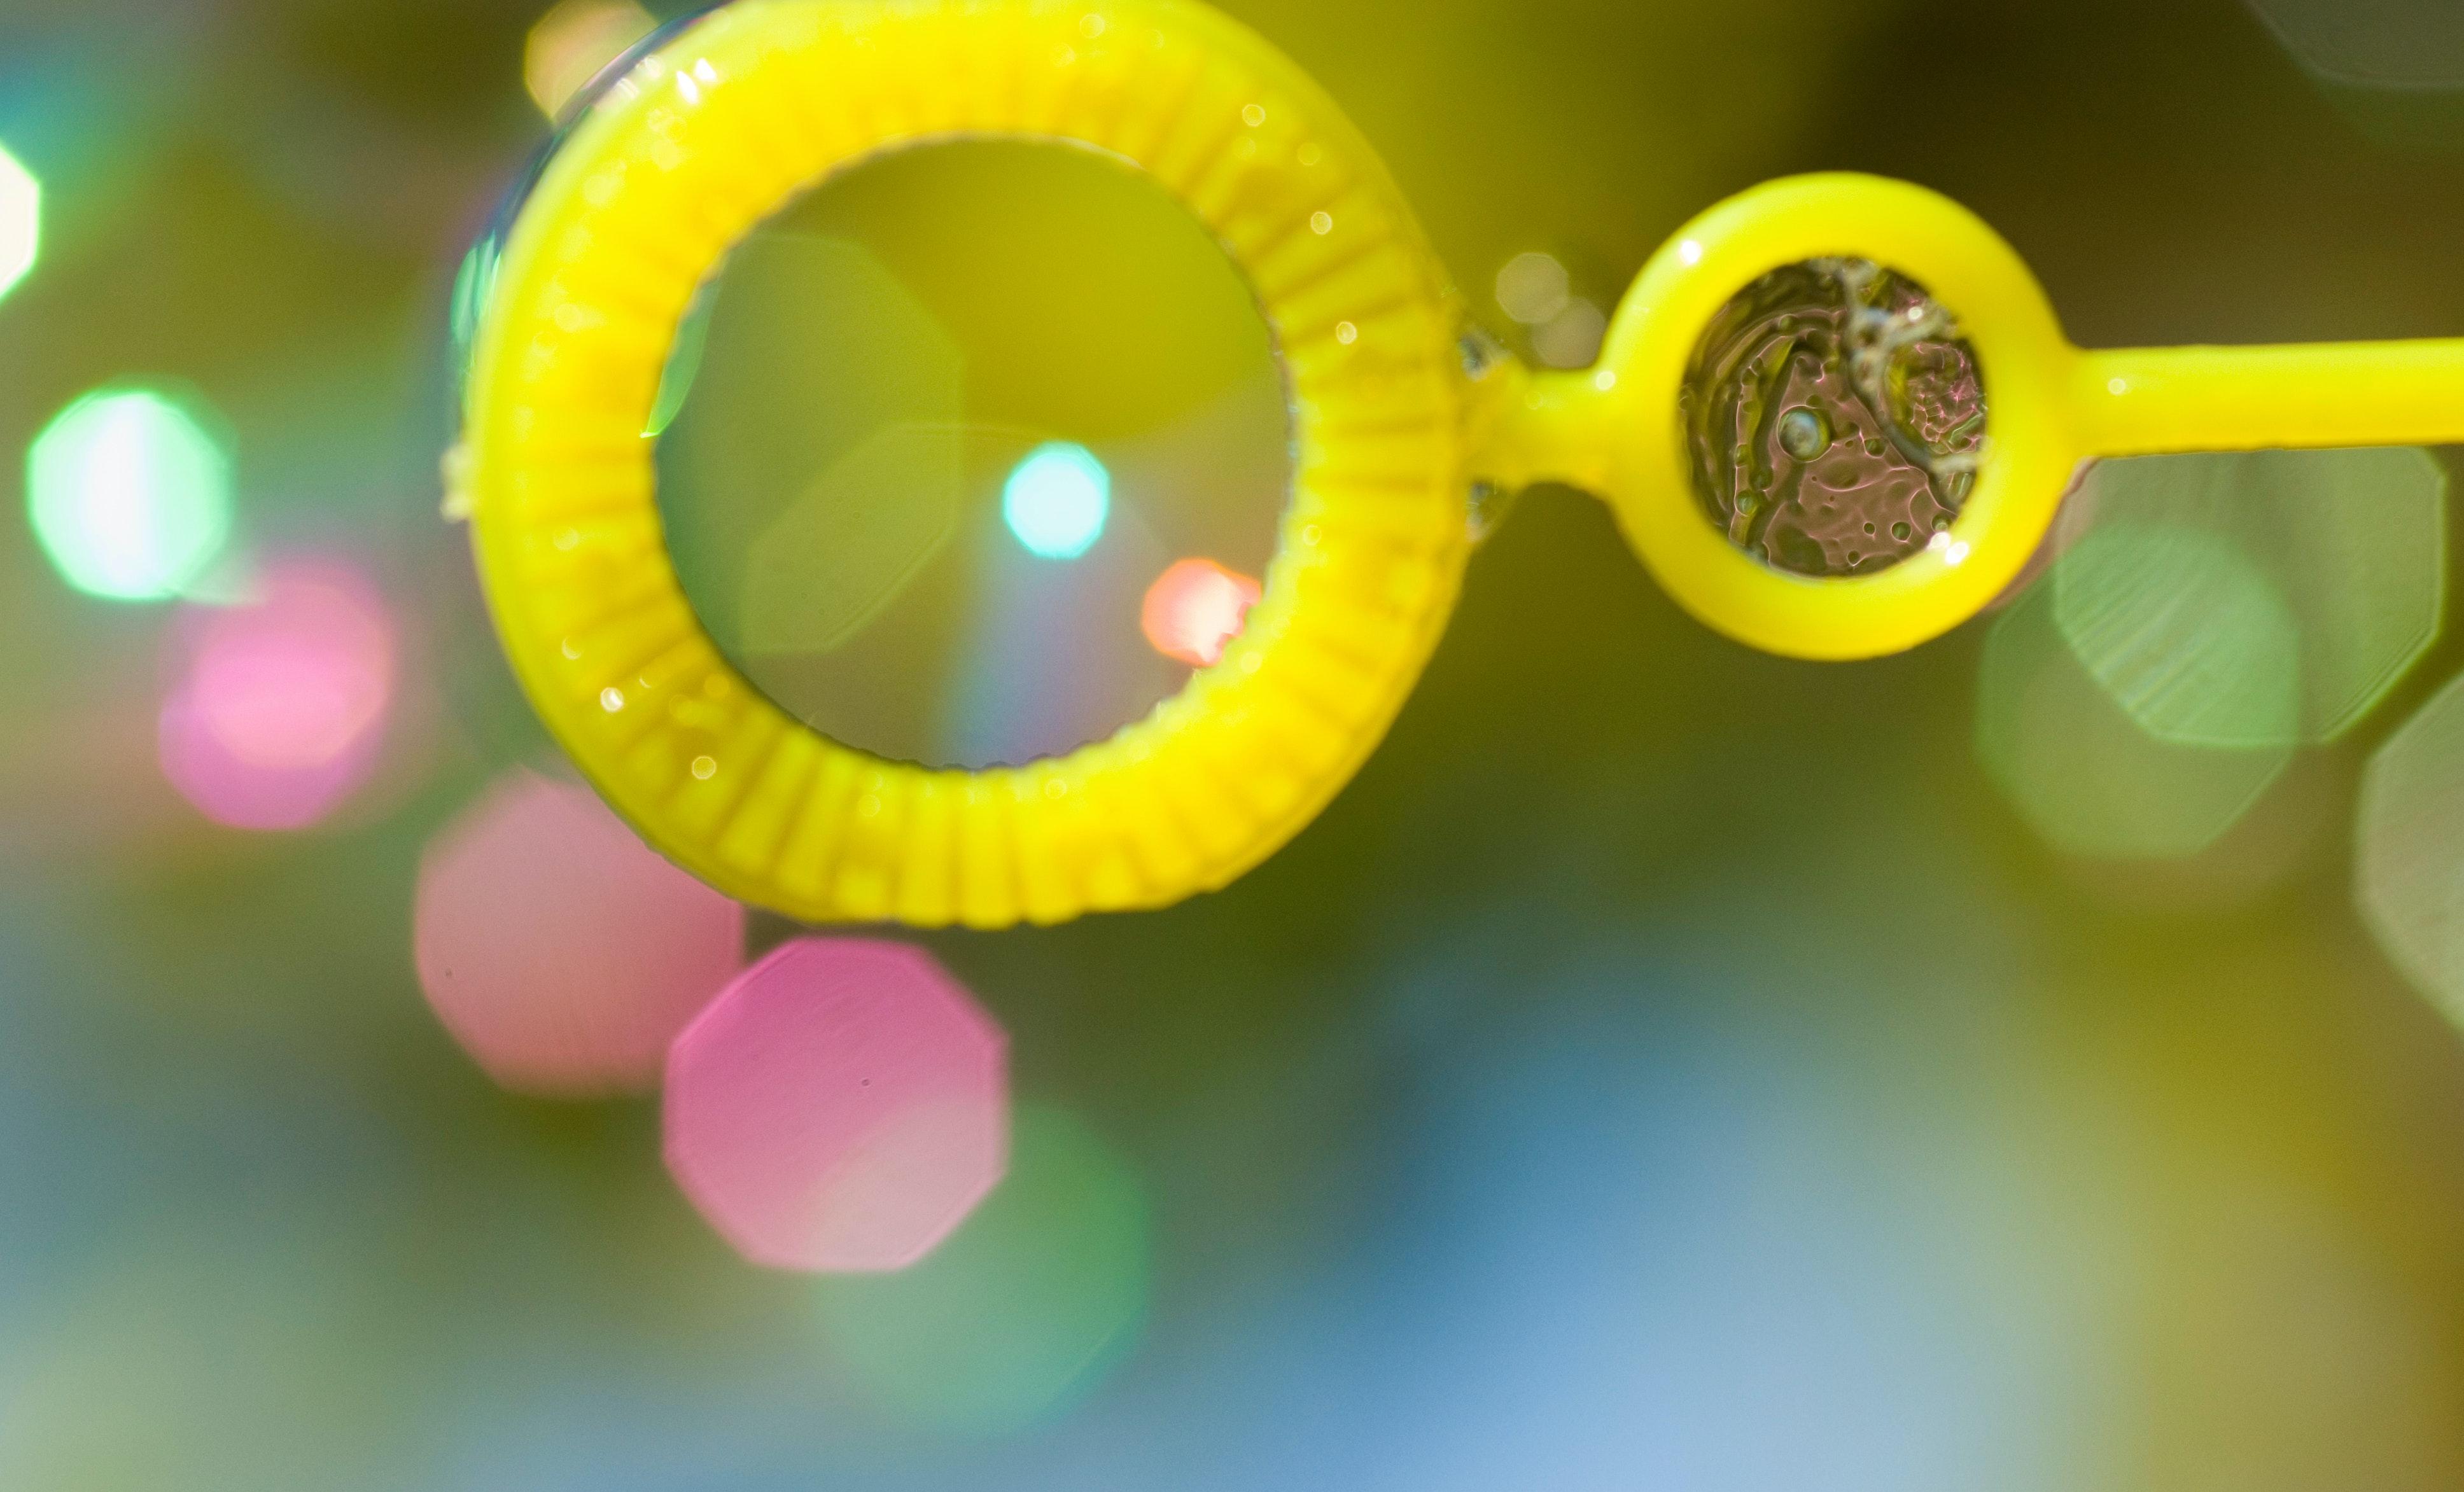 Seifenblasen als Symbolbild fuer Erzieher Gehalt